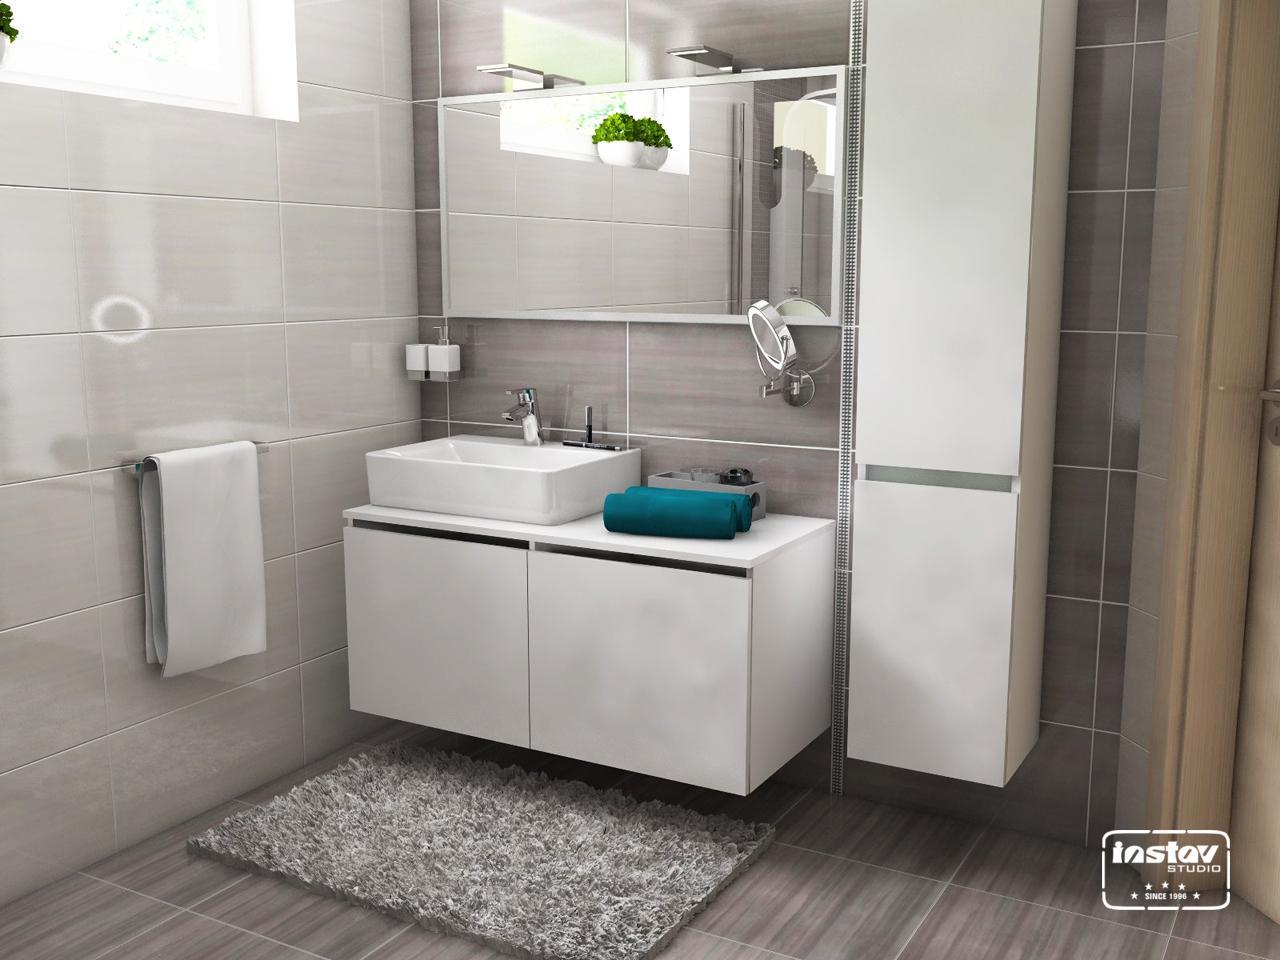 Vizualizácie kúpeľní - Vizualizácia kúpeľne - Ashen